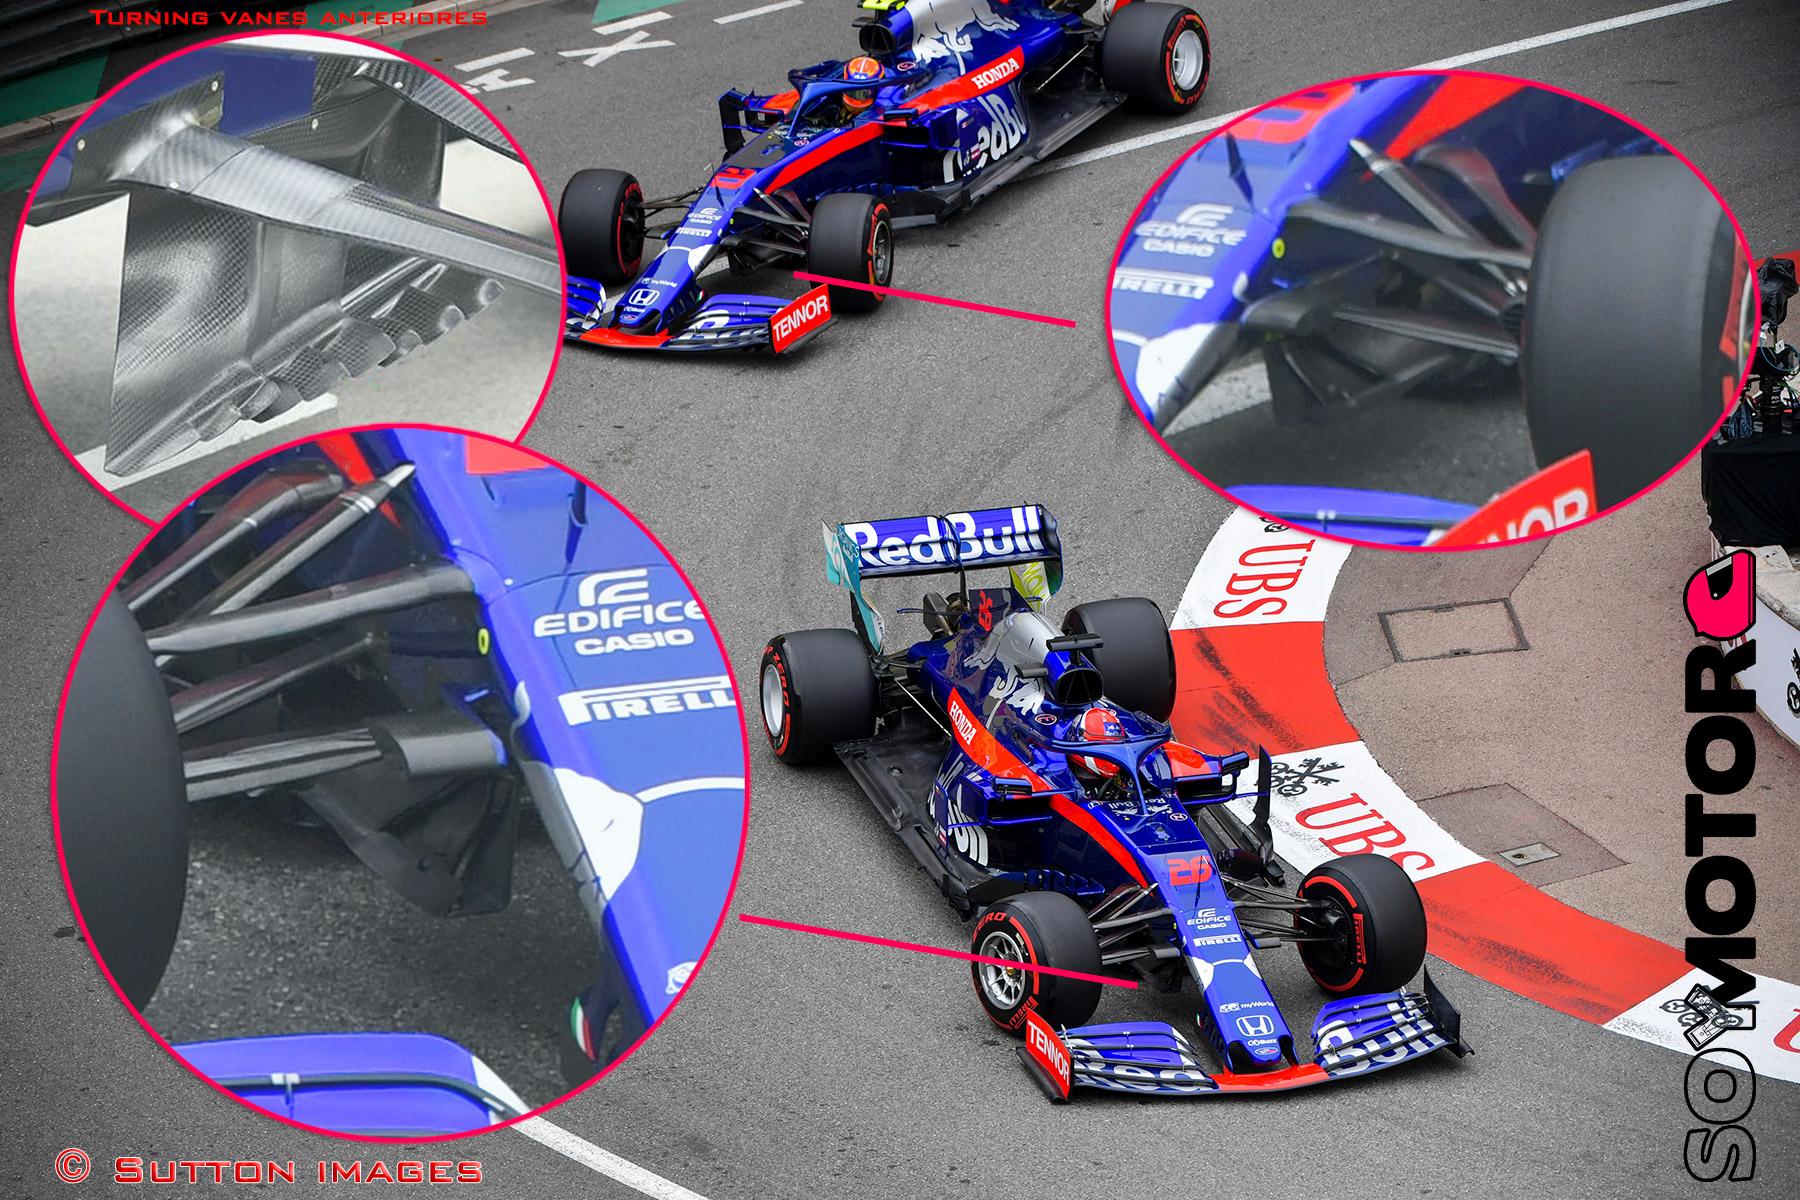 toro-rosso-turning-vanes-soymotor.jpg